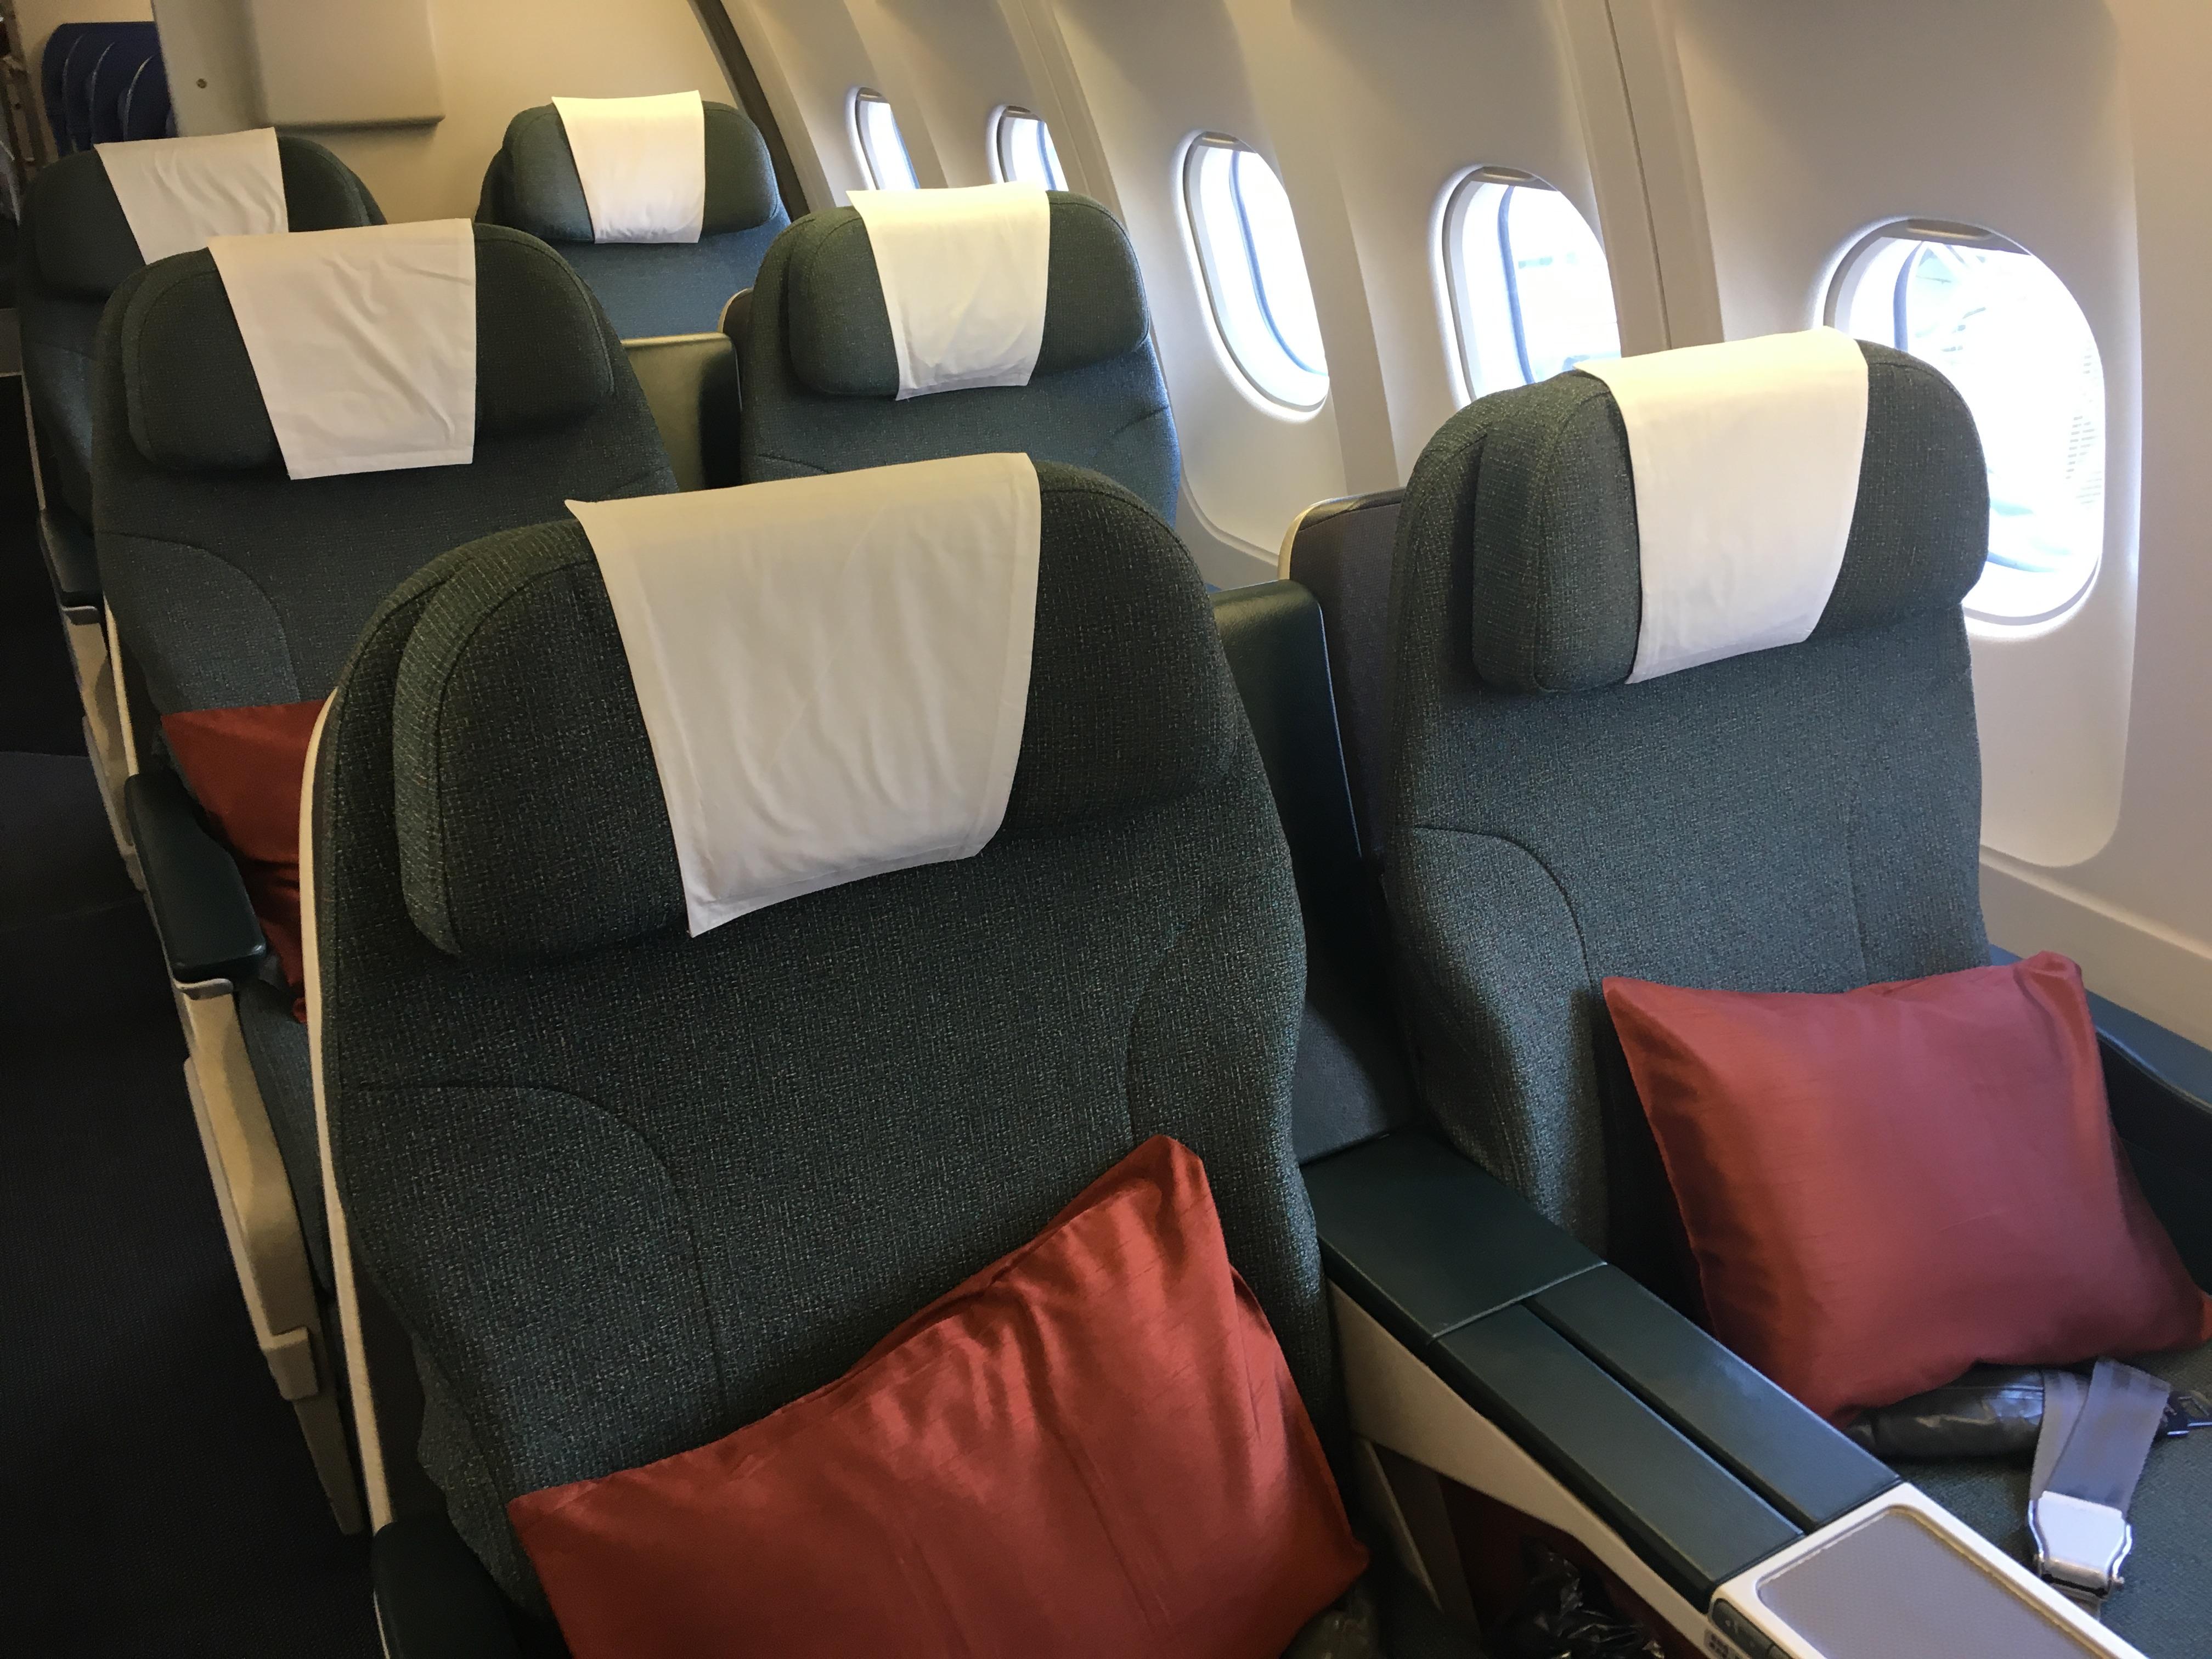 Lounge Review : 香港空港(HKG) キャセイパシフィック航空(CX)ラウンジ「the Wing」(ファーストクラス)